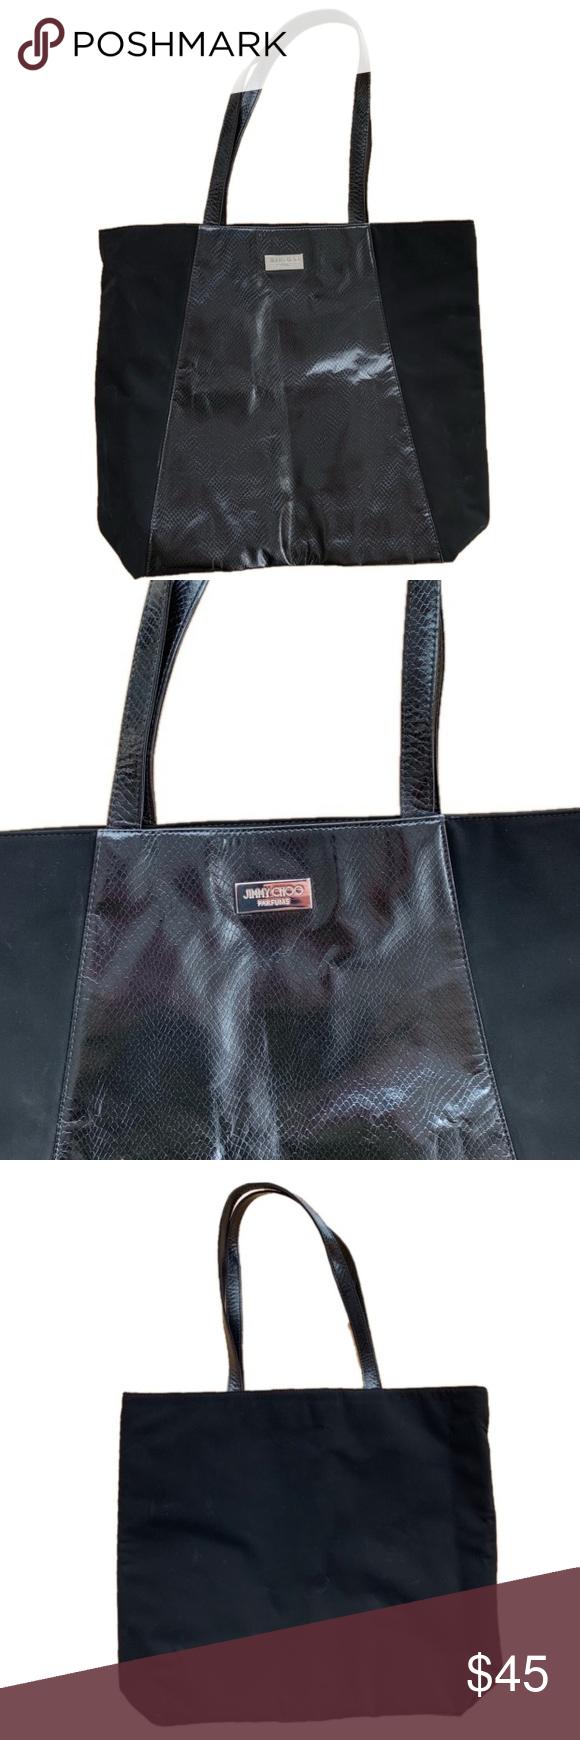 Jimmy Choo Parfums Black Tote Bag Black Tote Black Tote Bag Jimmy Choo